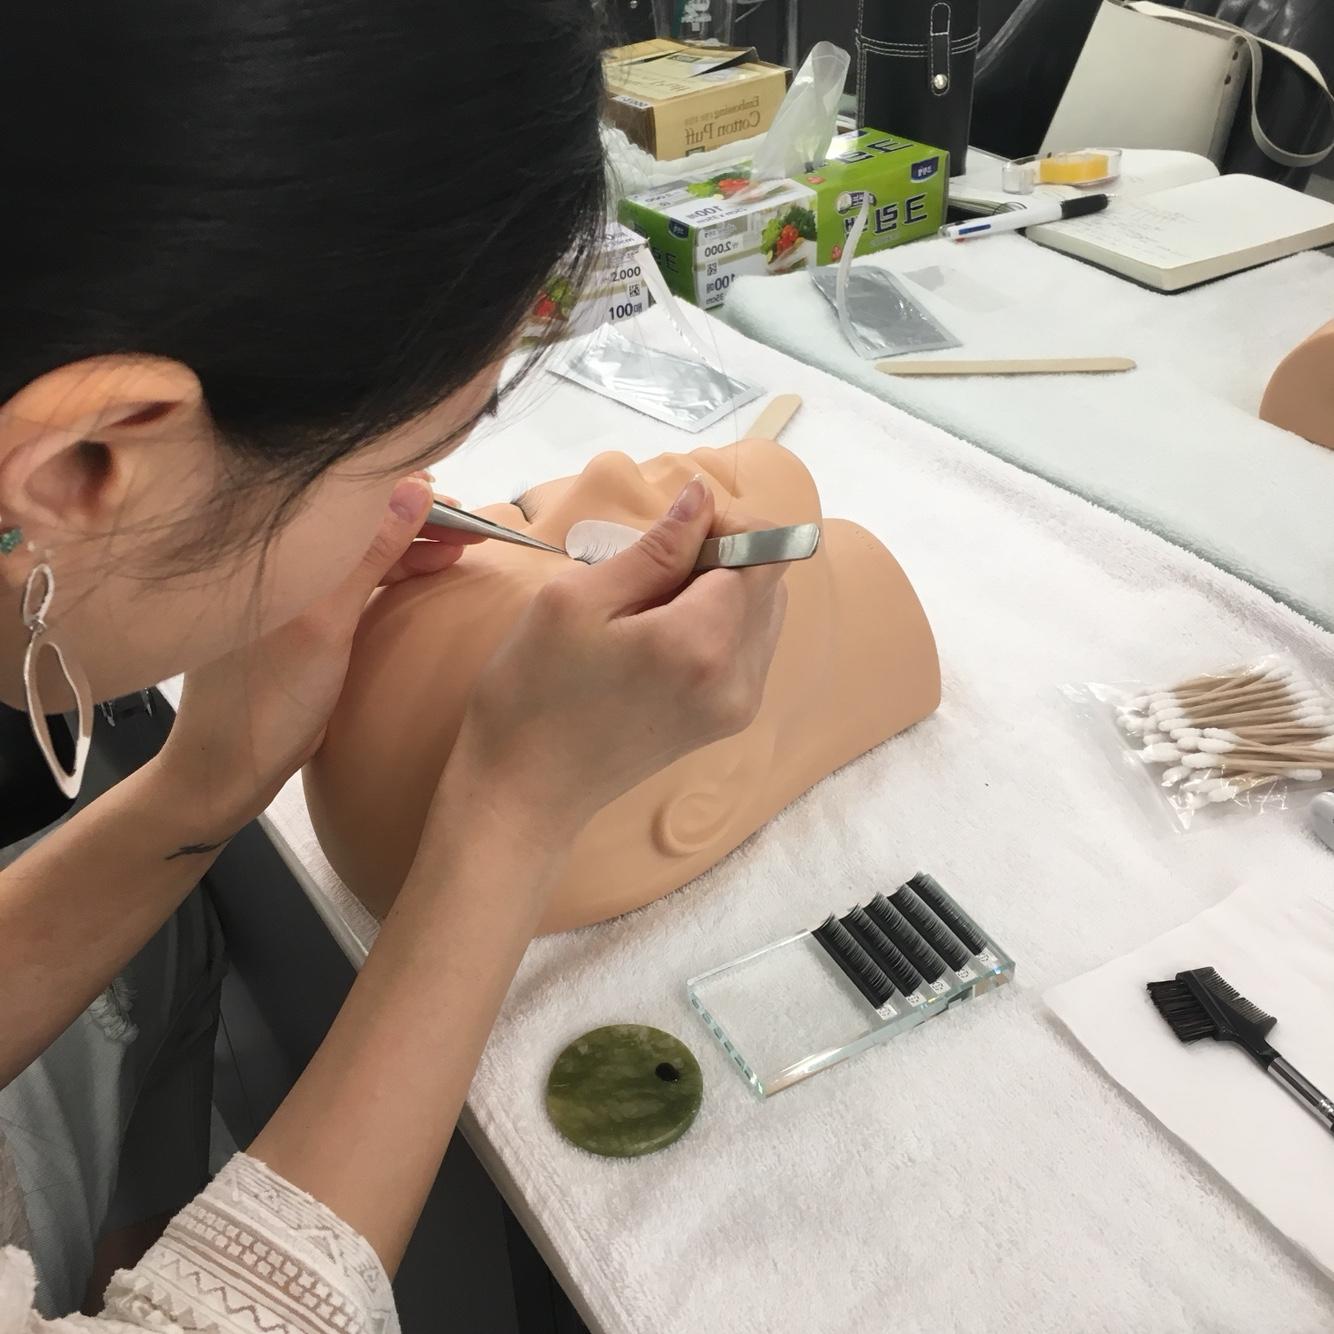 메이크업 국가자격증 - 속눈썹 연장 연습중!